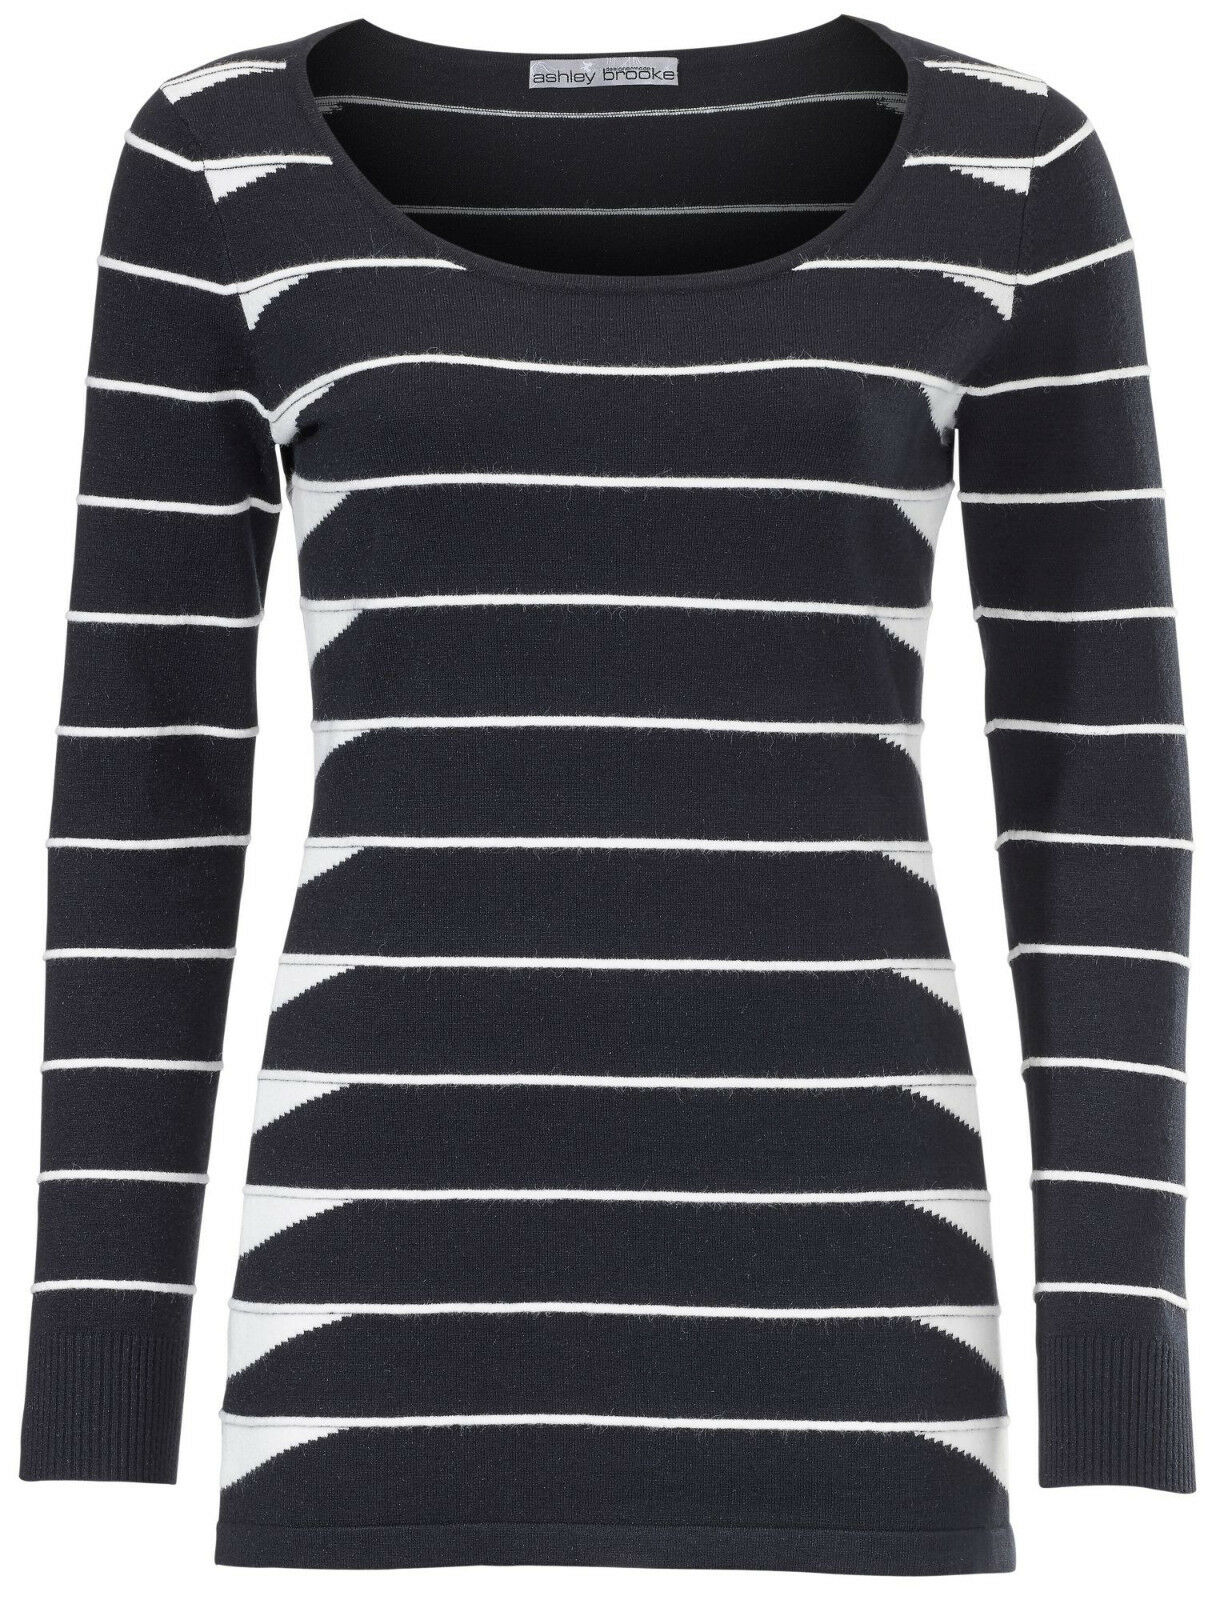 Details zu Oversized Pullover Heine. Fancy Garn. Pistazie. NEU!!! KP 49,90 € SALE%%%